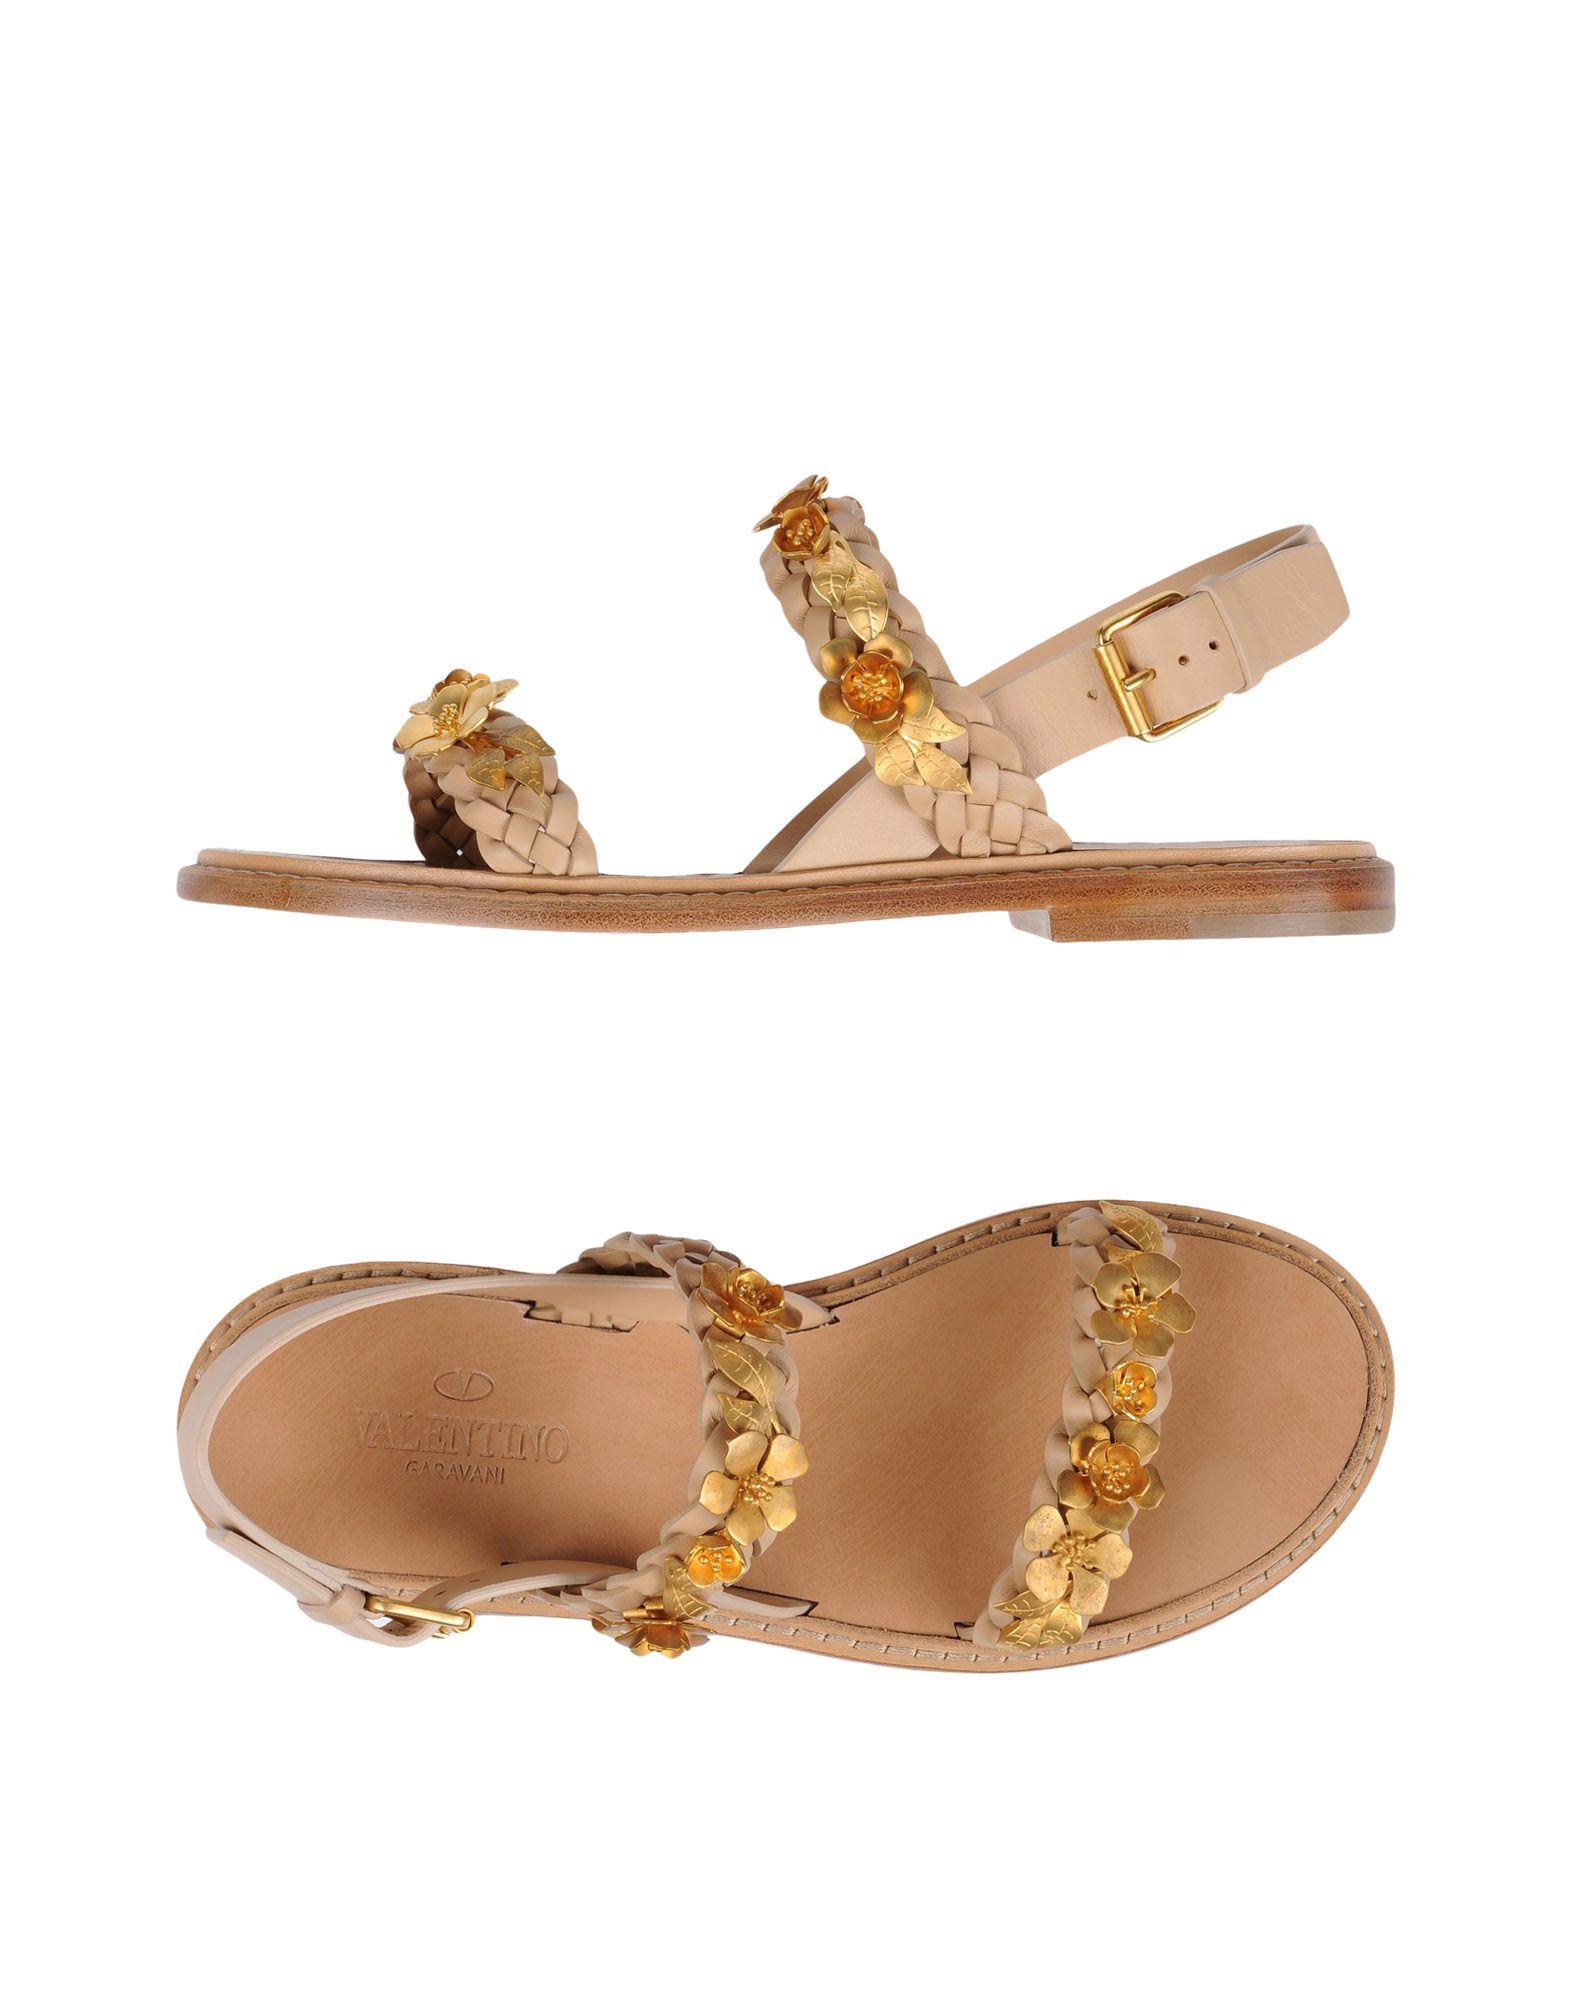 Valentino 11150034EUGünstige Garavani Sandalen Damen  11150034EUGünstige Valentino gut aussehende Schuhe 3c8ce2